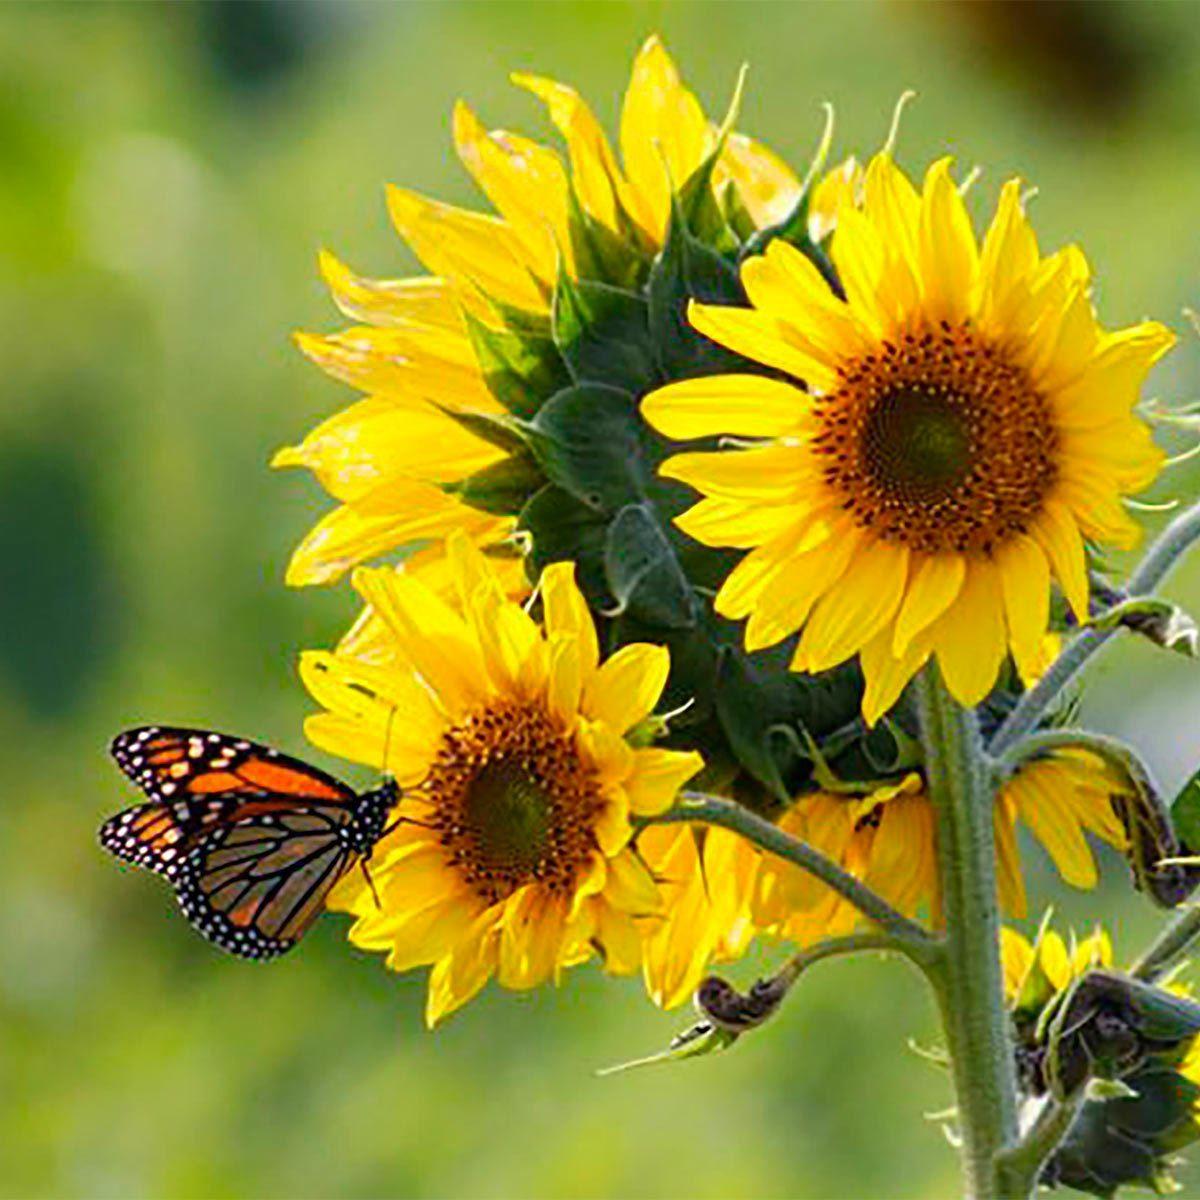 Aménagement paysager : apprenez à connaître votre jardin.